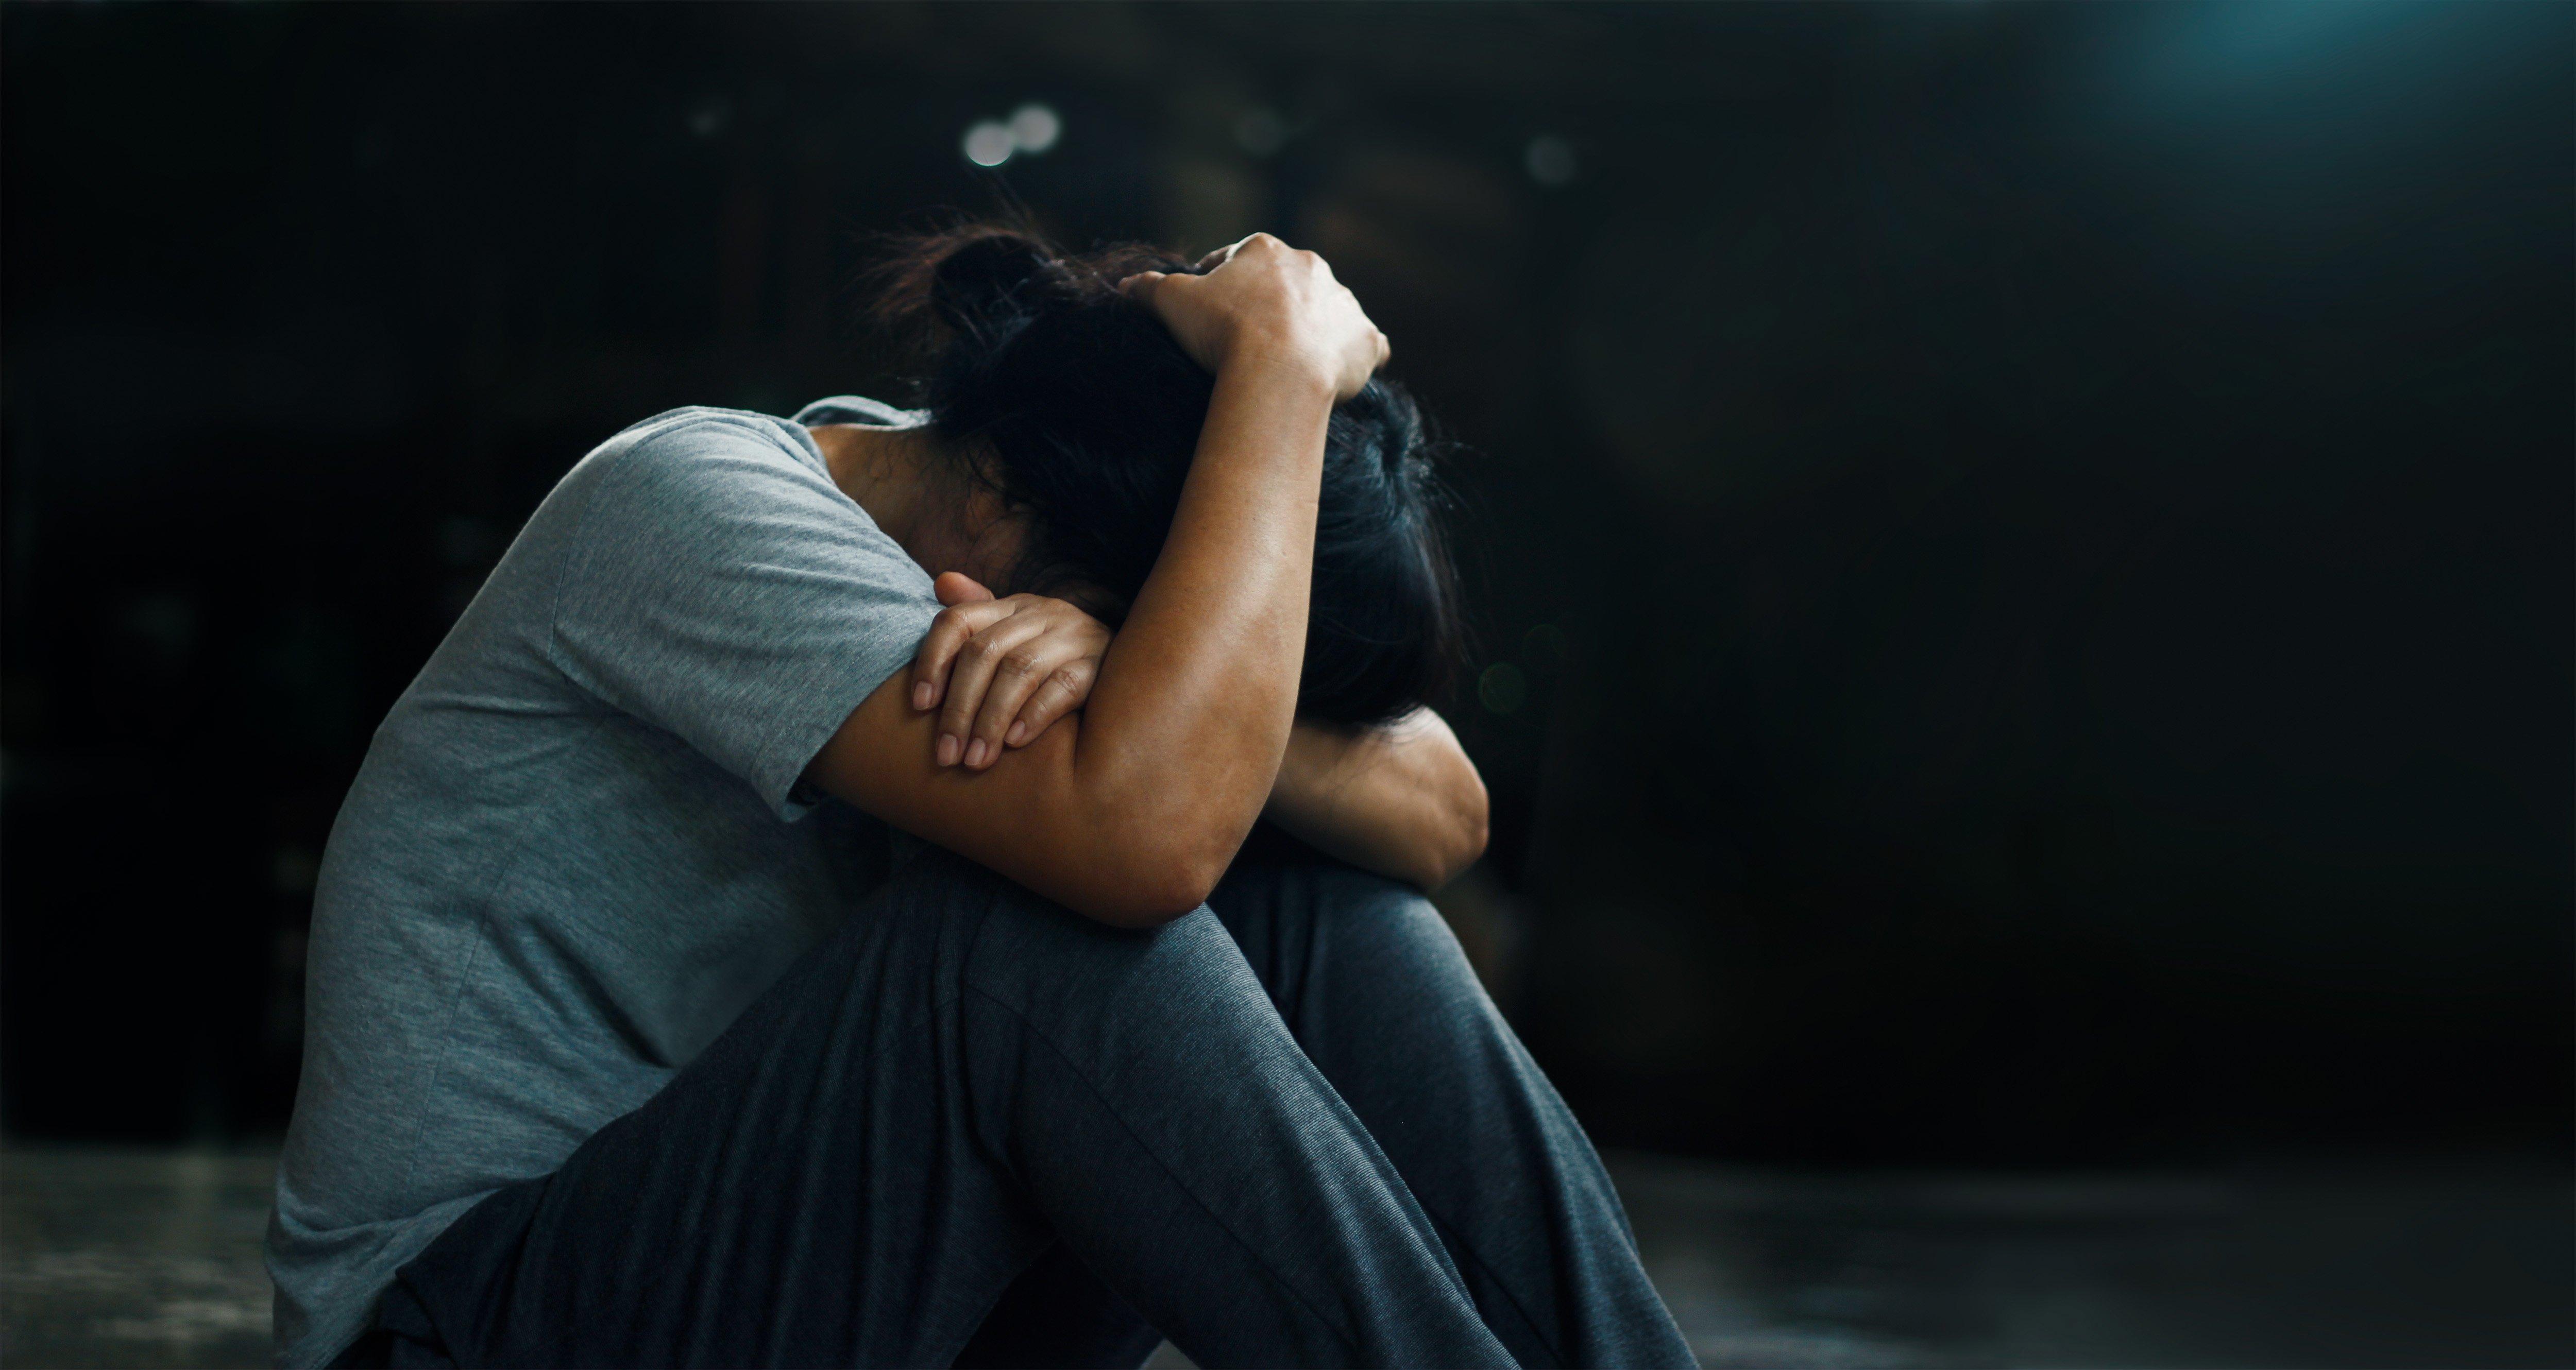 Nawet 25 tysięcy osób rocznie staje się ofiarami handlu ludźmi w Chicago